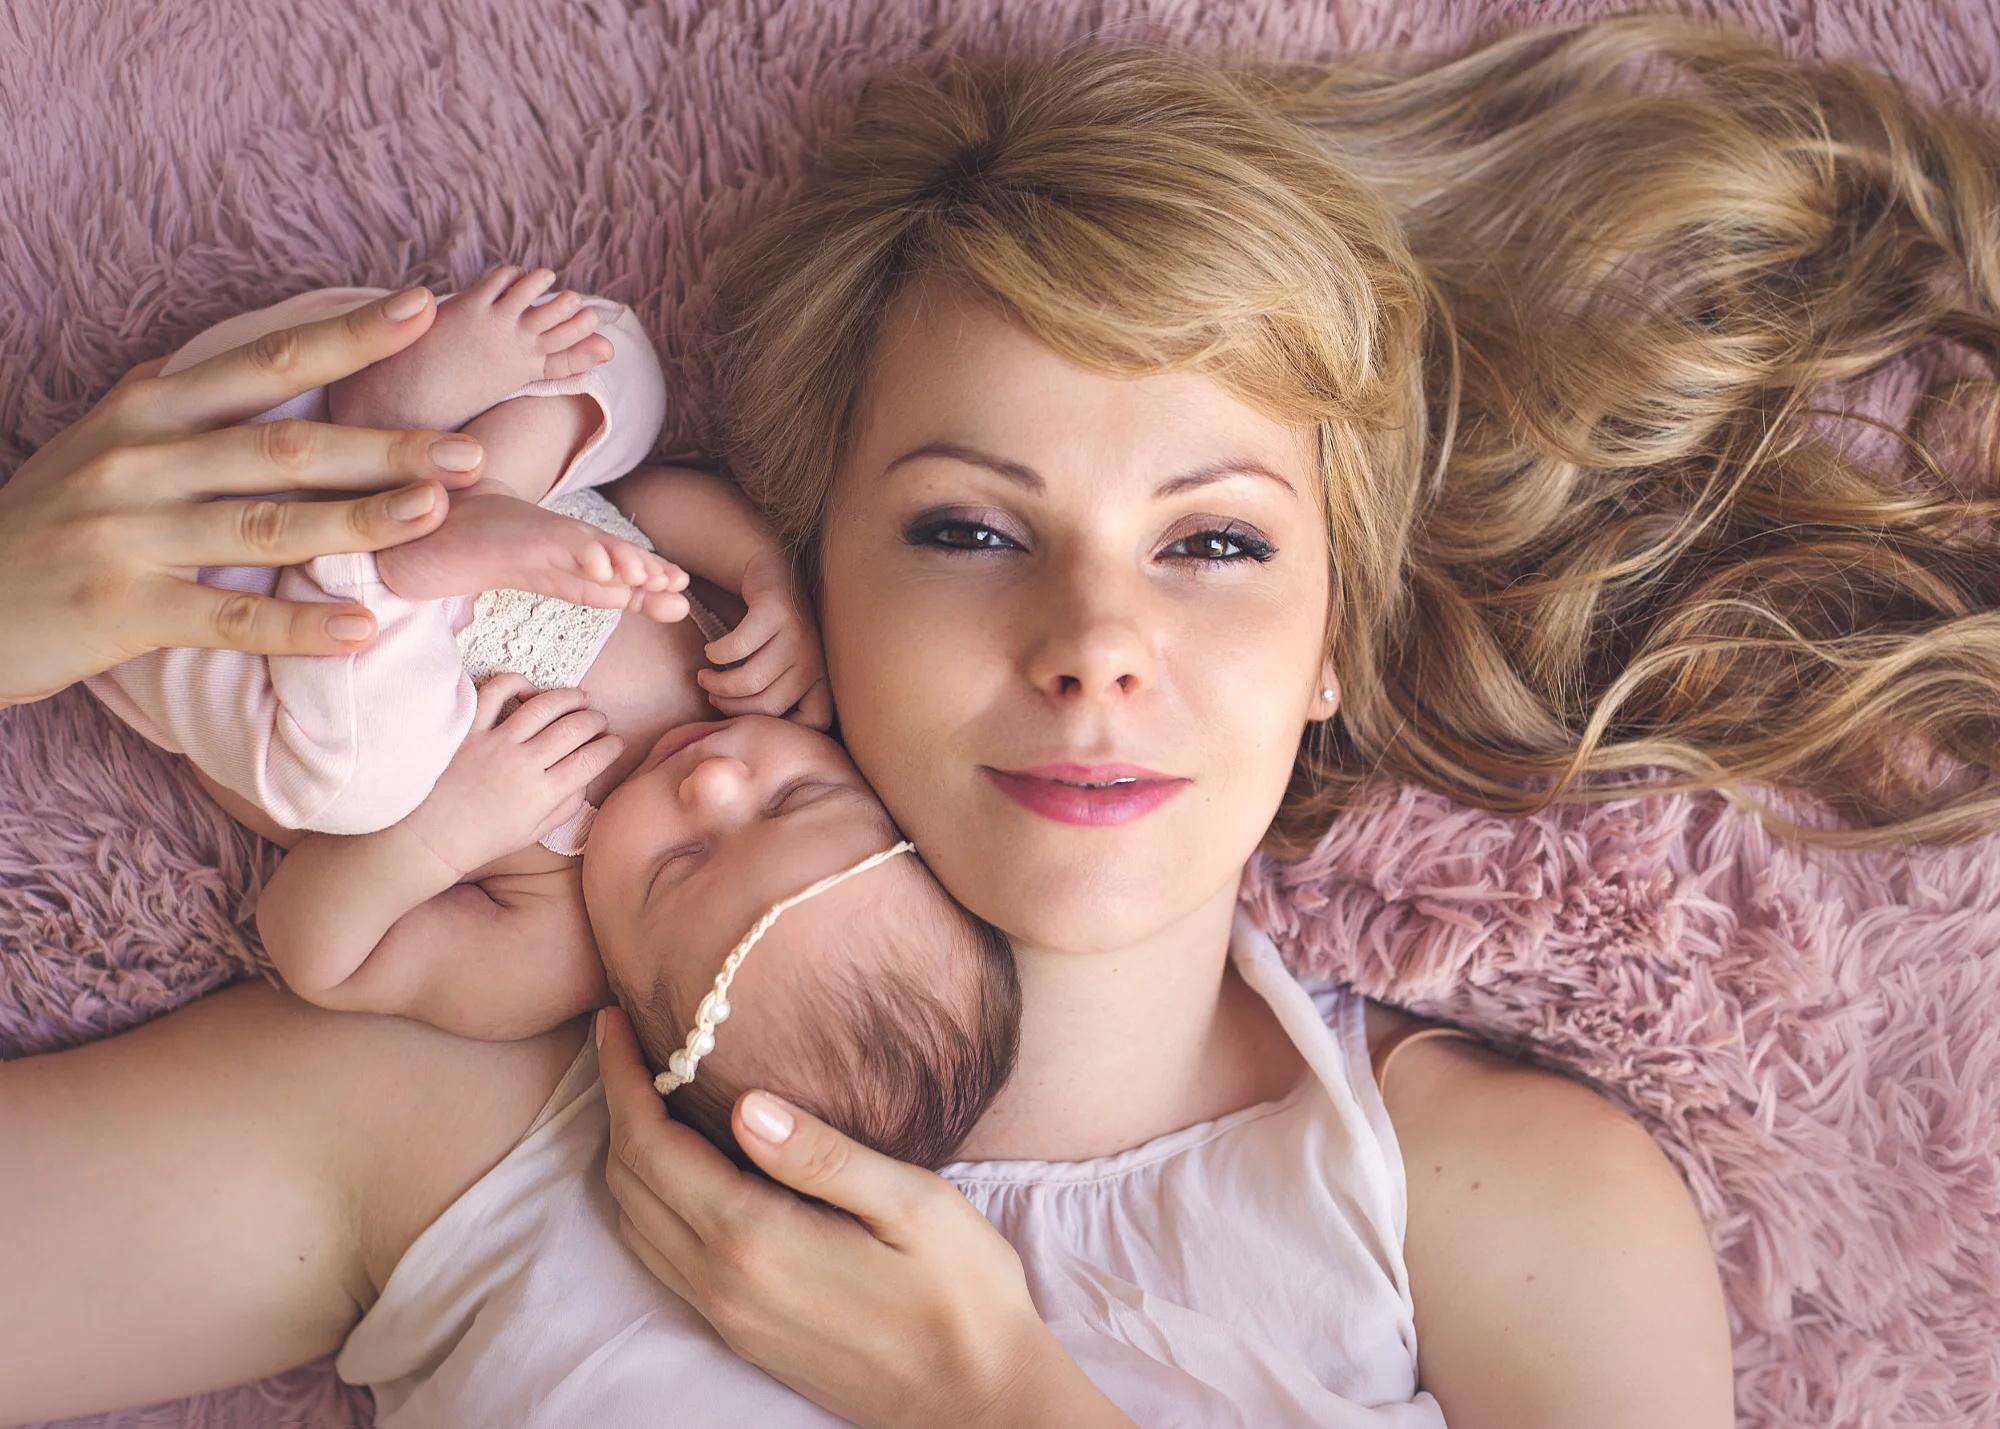 передачу обои картинки с мамами выбирая украшения